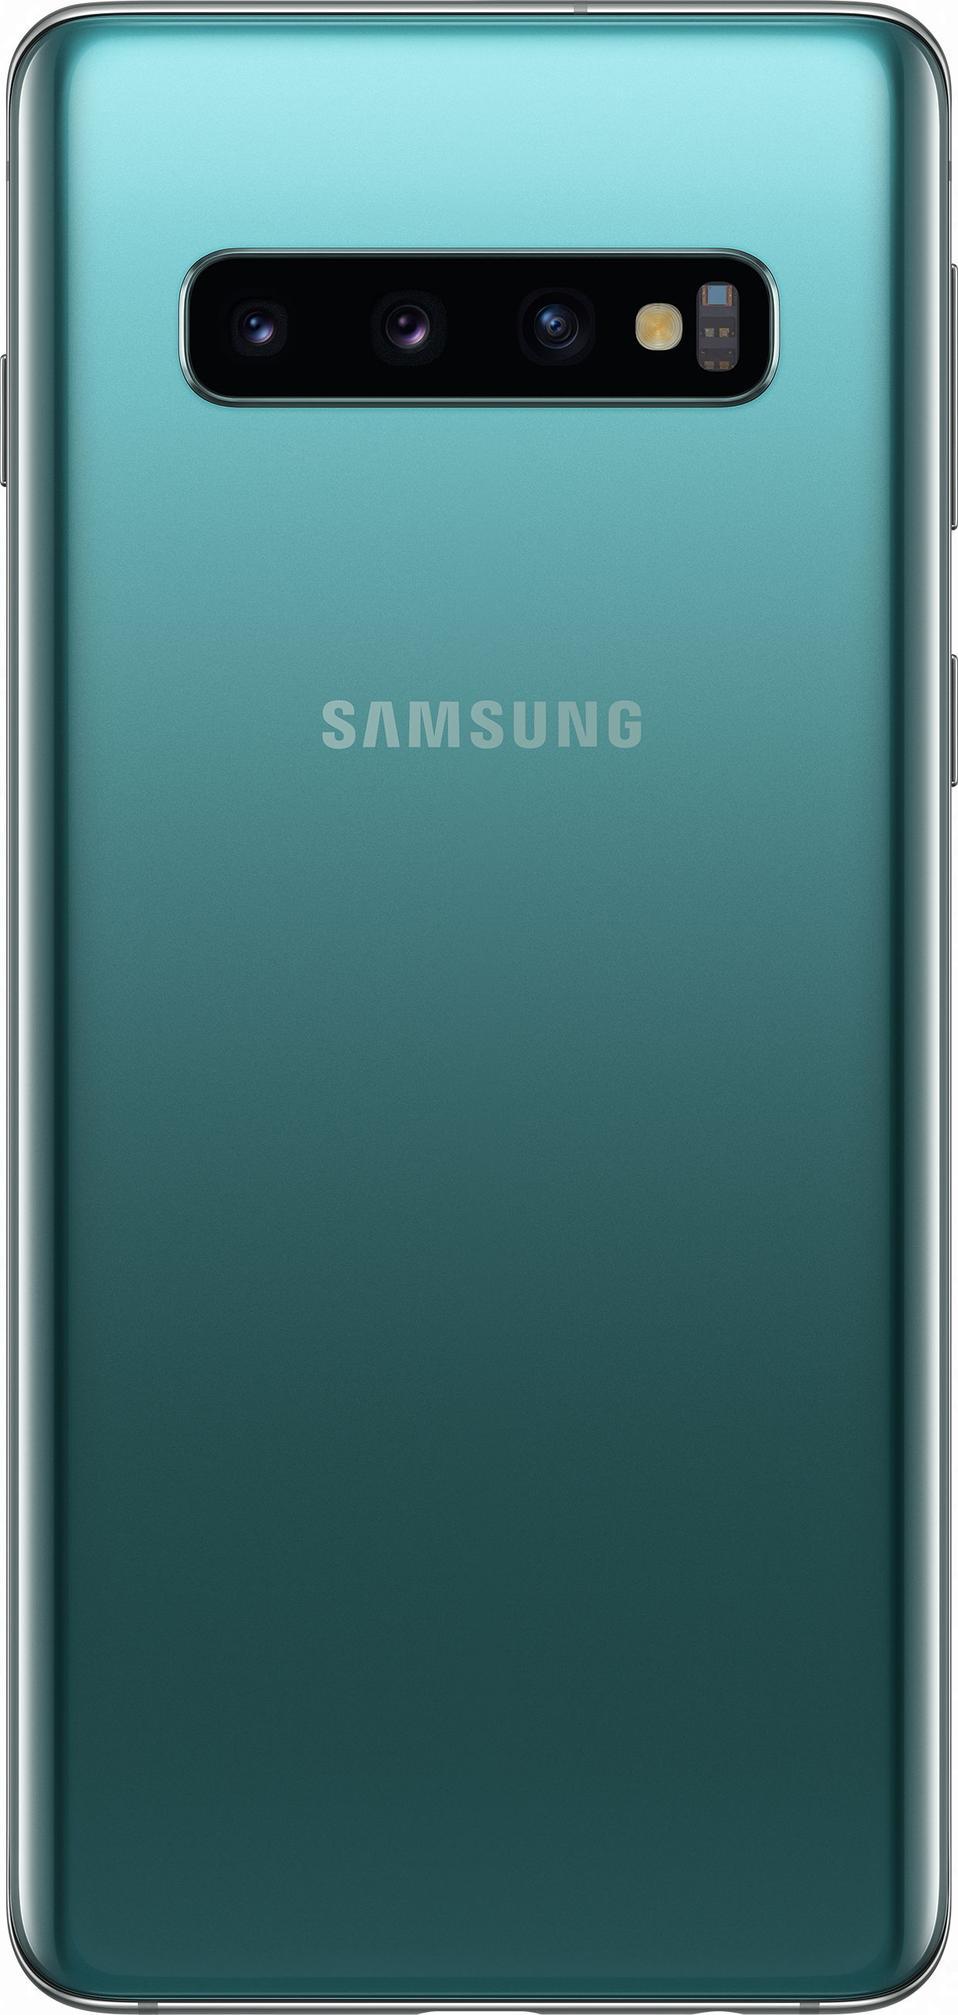 Samsung Galaxy S10 6.1